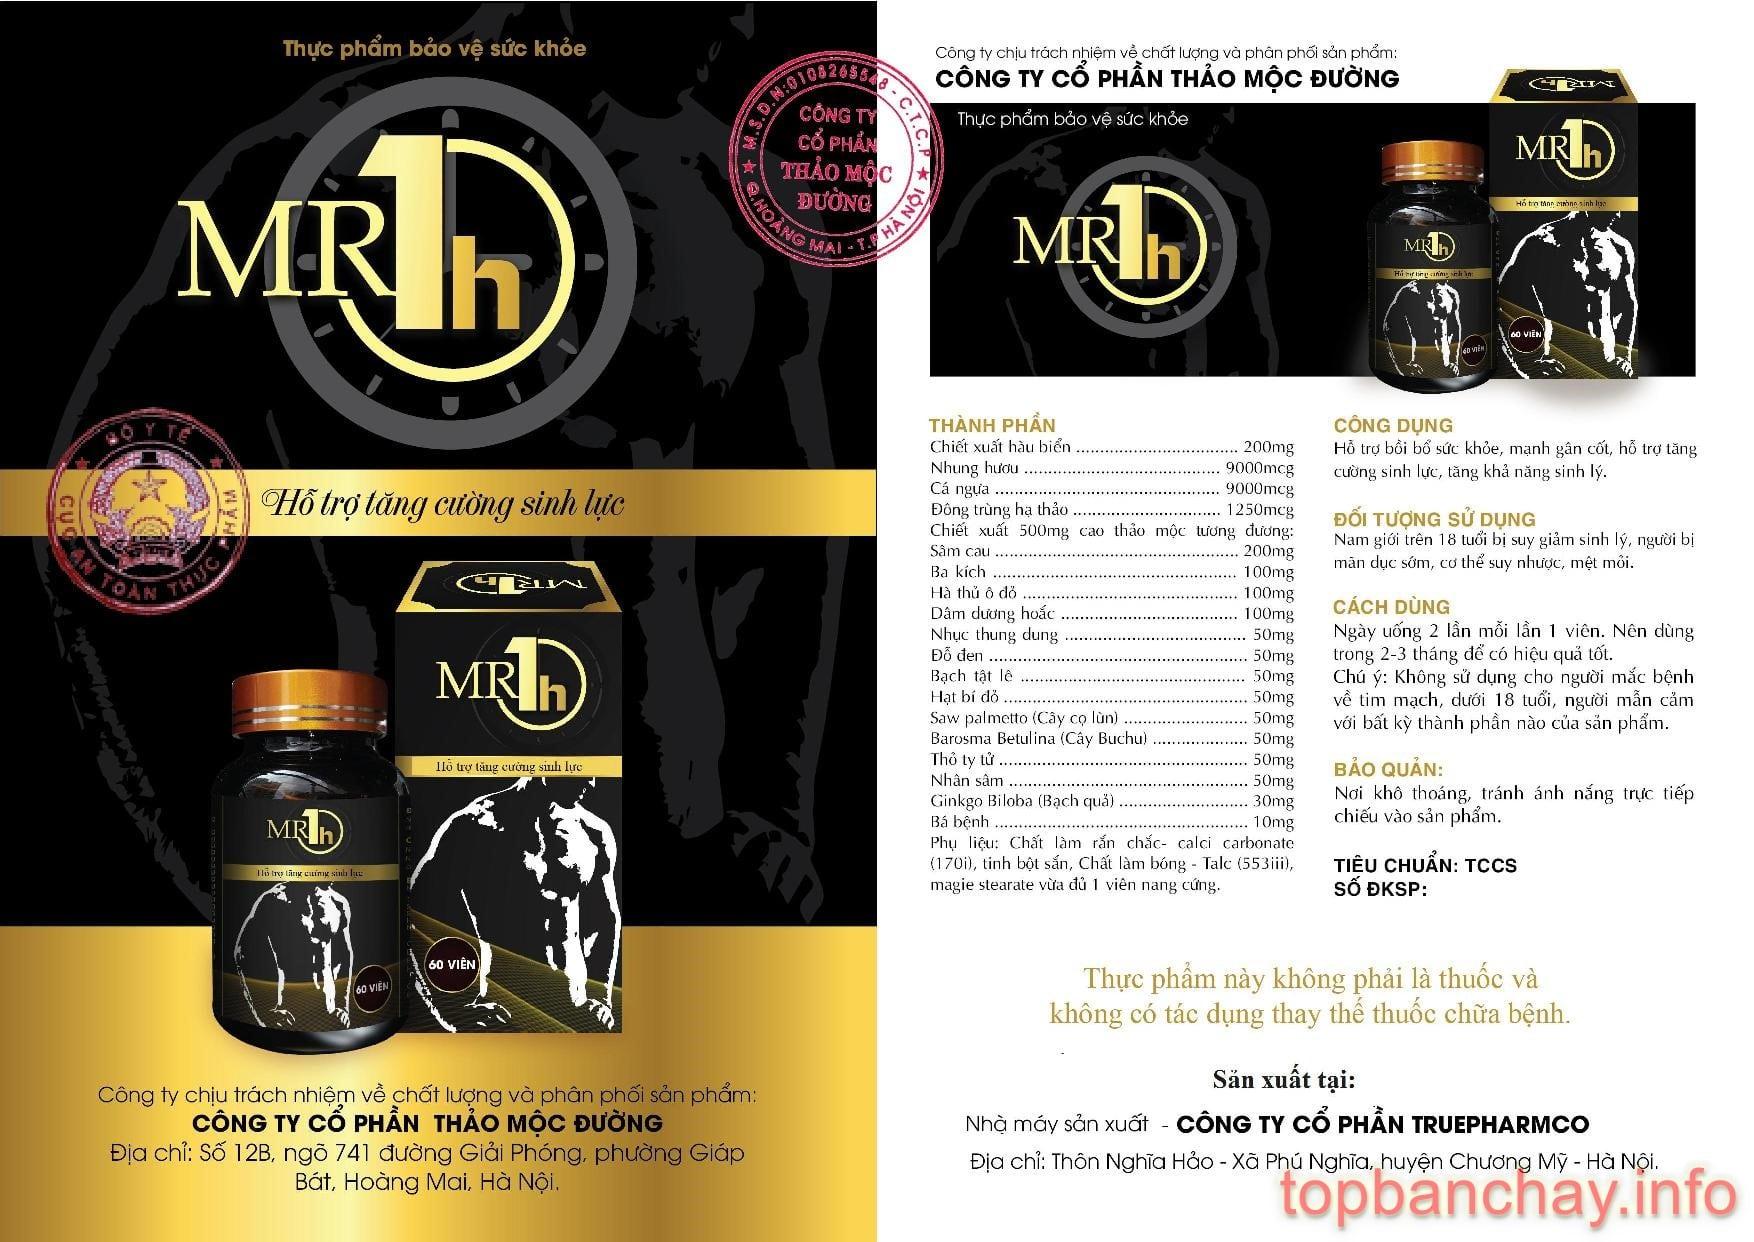 Thông tin trên vỏ hộp Mr 1h được đăng ký lưu hành